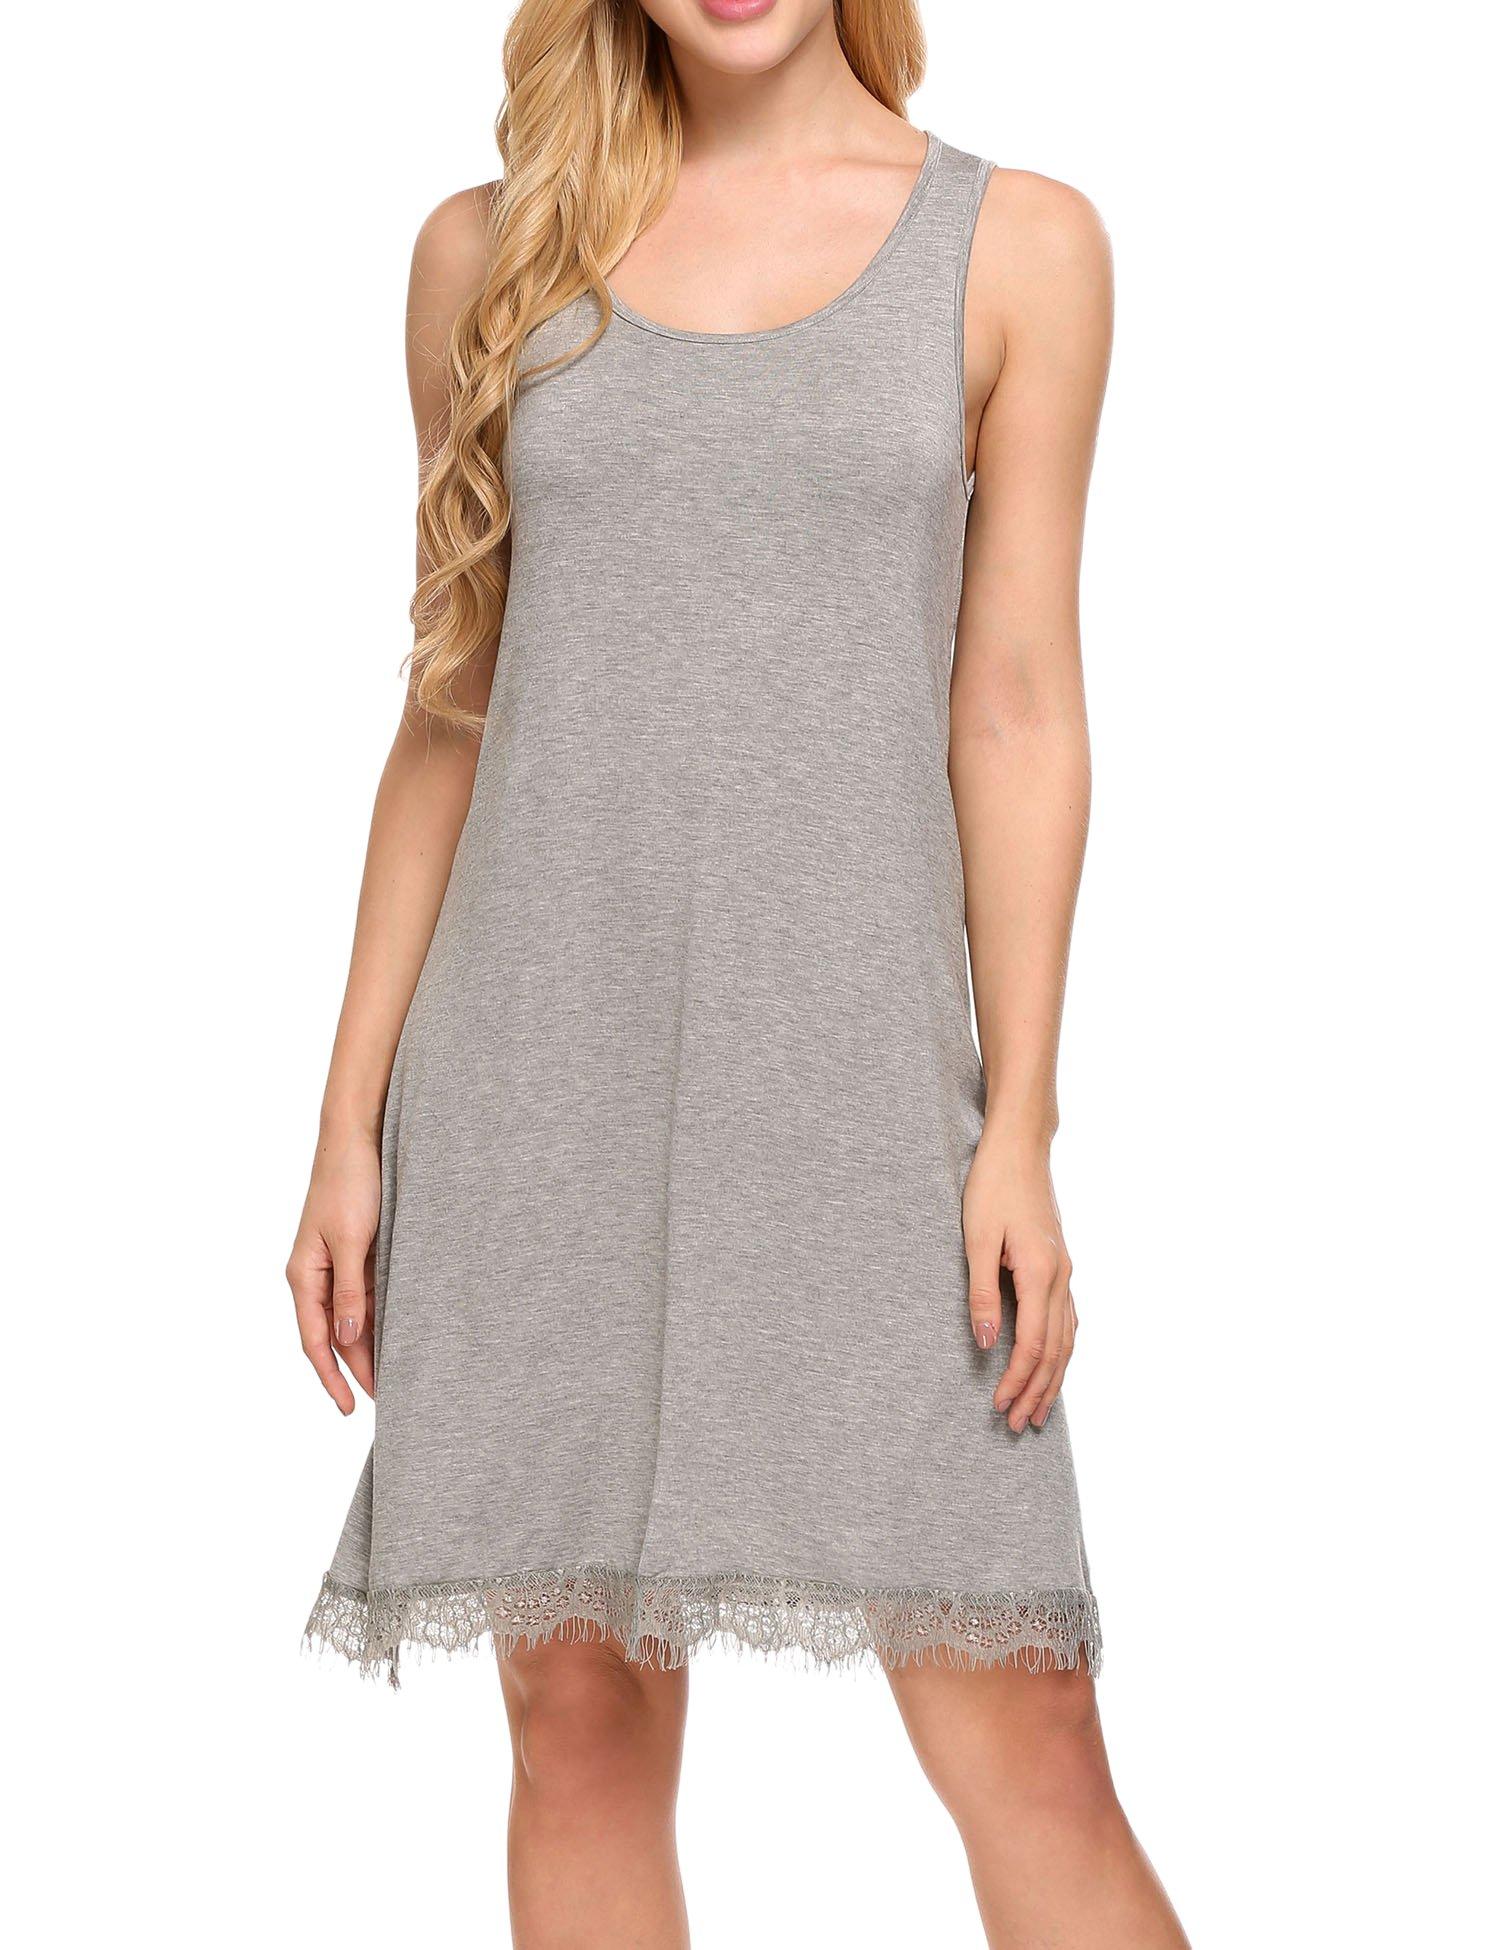 Unibelle Damen Nachthemd Satin Ärmellose Negligee Spitzesaum Nachtkleid Sleepshirt Baumwolle Lounge Kleid Negligee A-Line